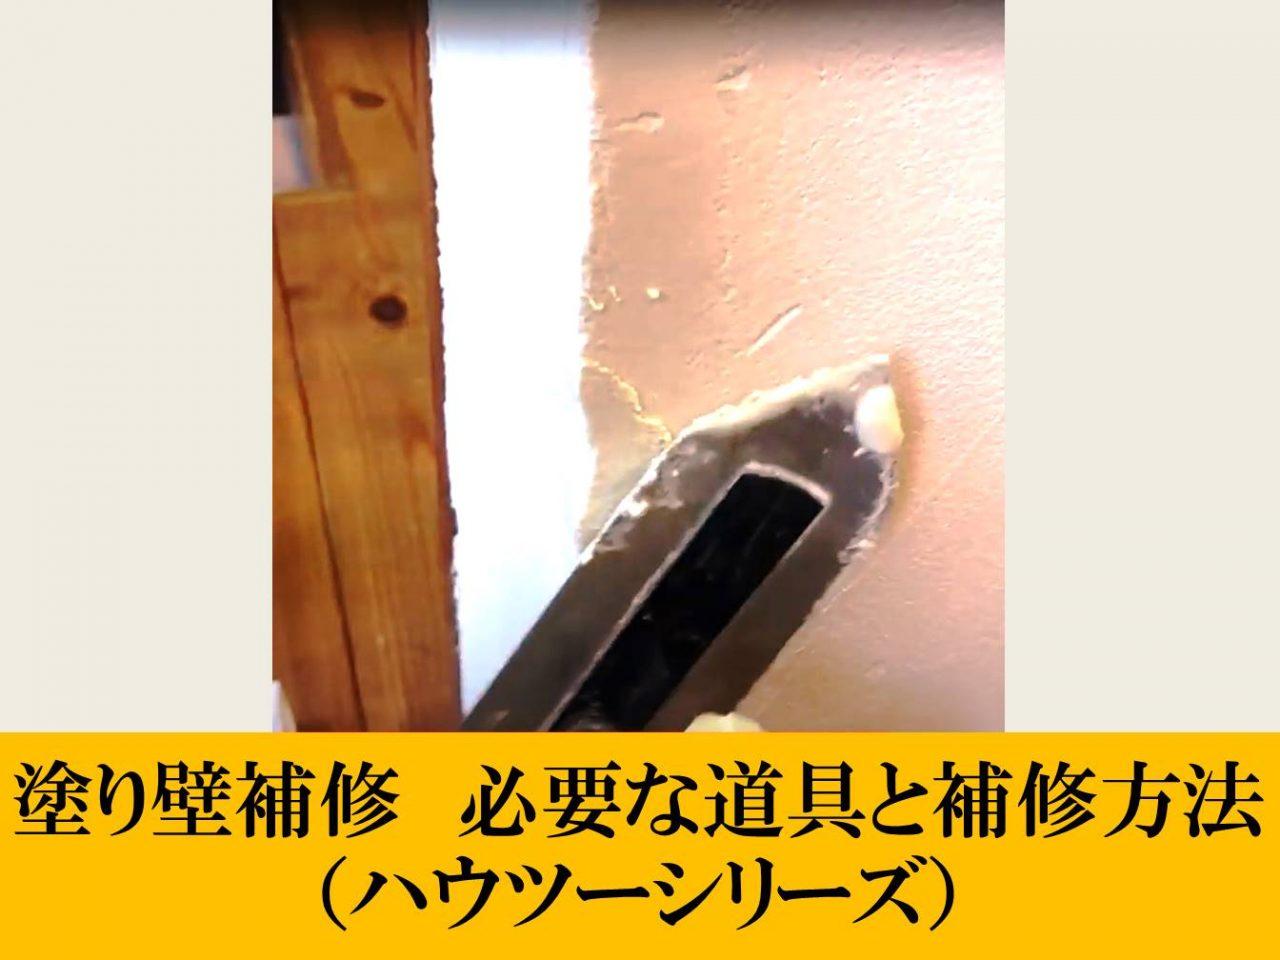 塗り壁補修 必要な道具と補修方法(ハウツーシリーズ)